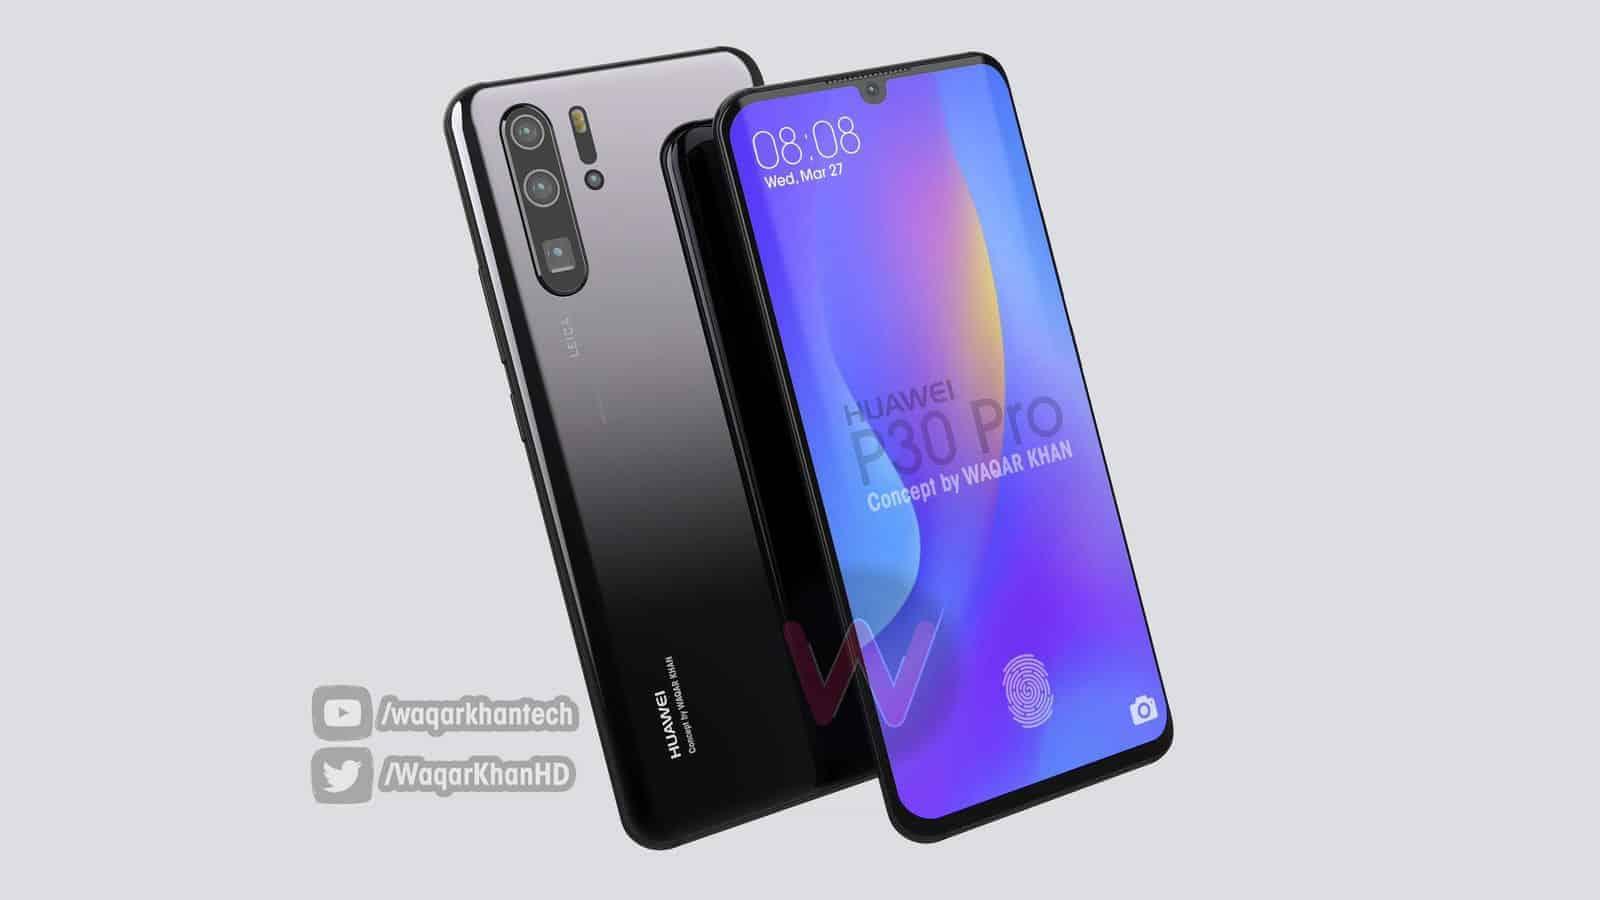 Huawei P30 Pro Waqar Khan concept 1